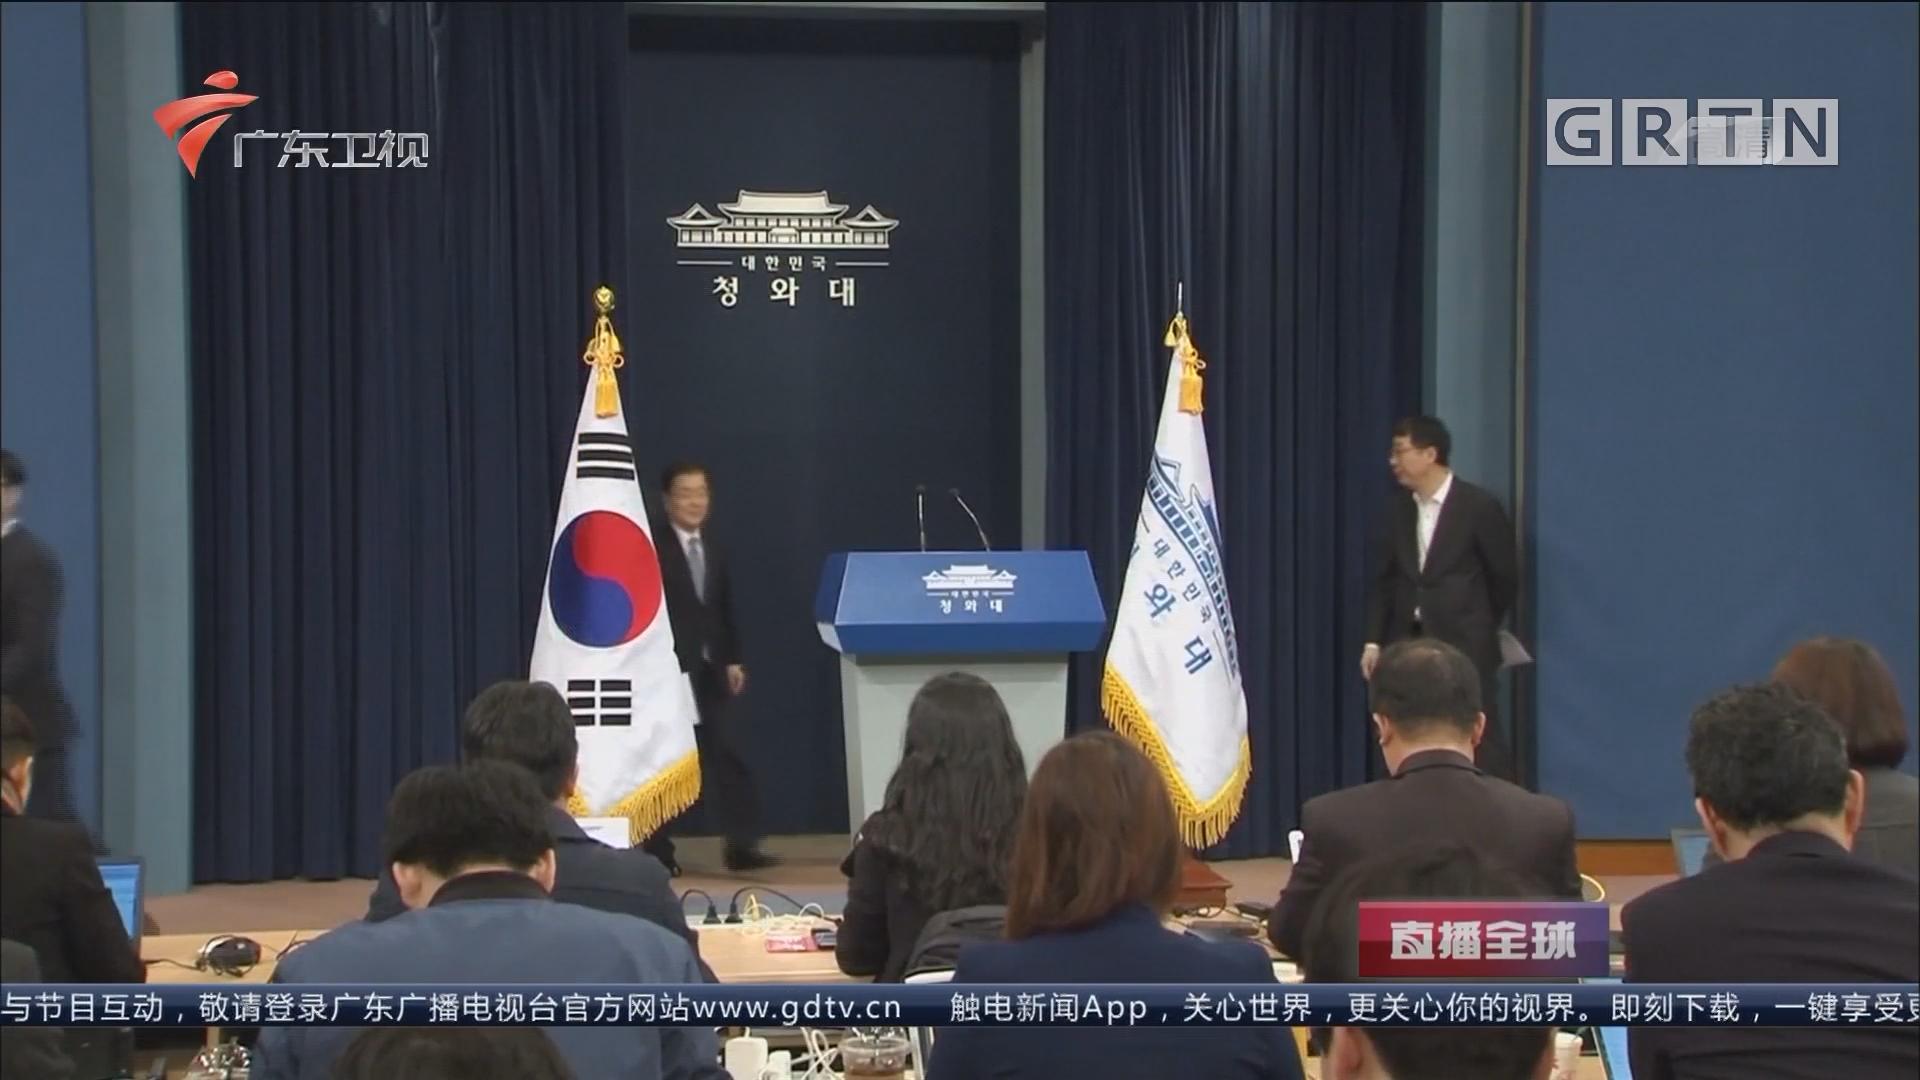 朝鲜提出弃核条件和朝美对话意愿:消除外部军事威胁 保障朝鲜体制安全